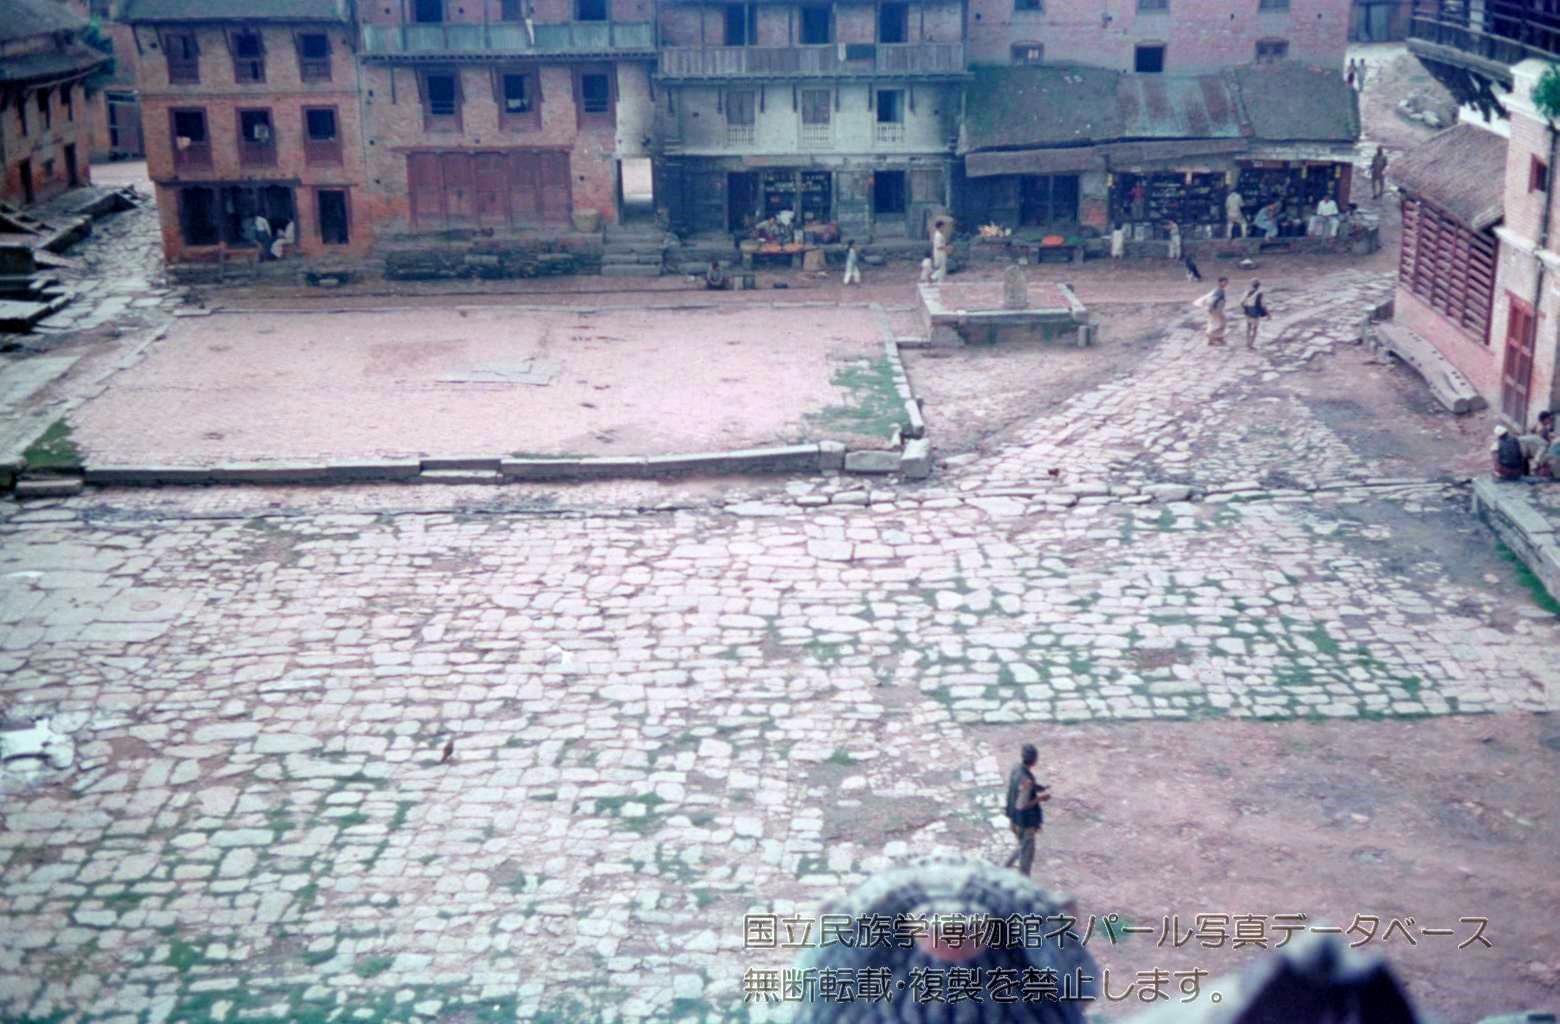 Taumadi Square, Bhaktapur 1958 image